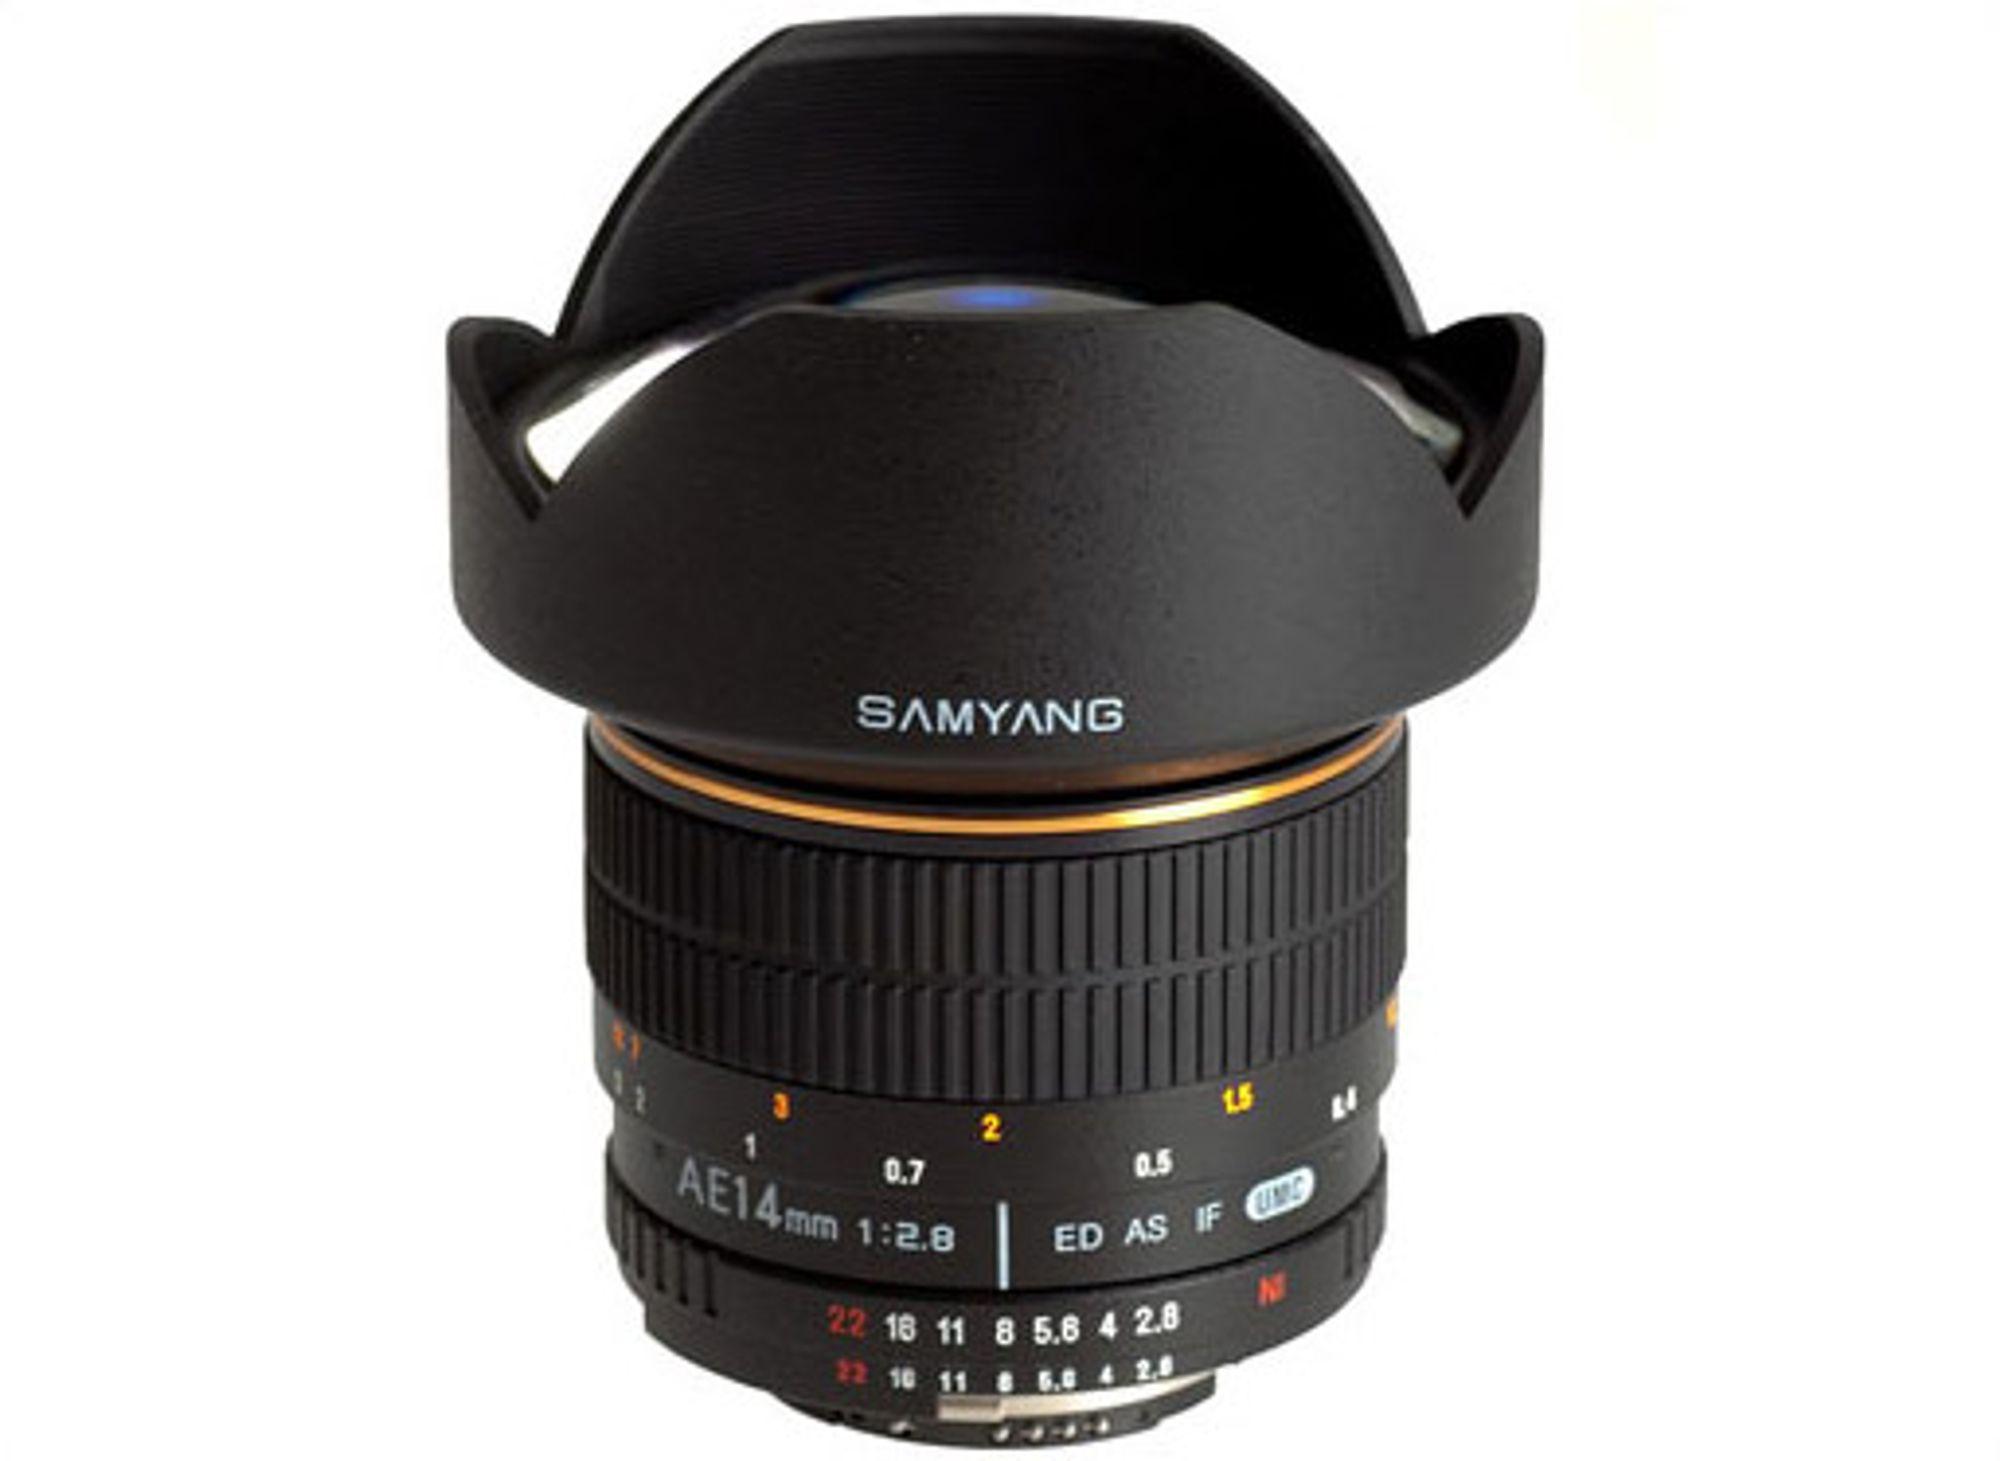 Samyang AE 8mm f/2,8 kan brukes både på FX- og DX-kamera fra Nikon. FOTO: Produsenten.